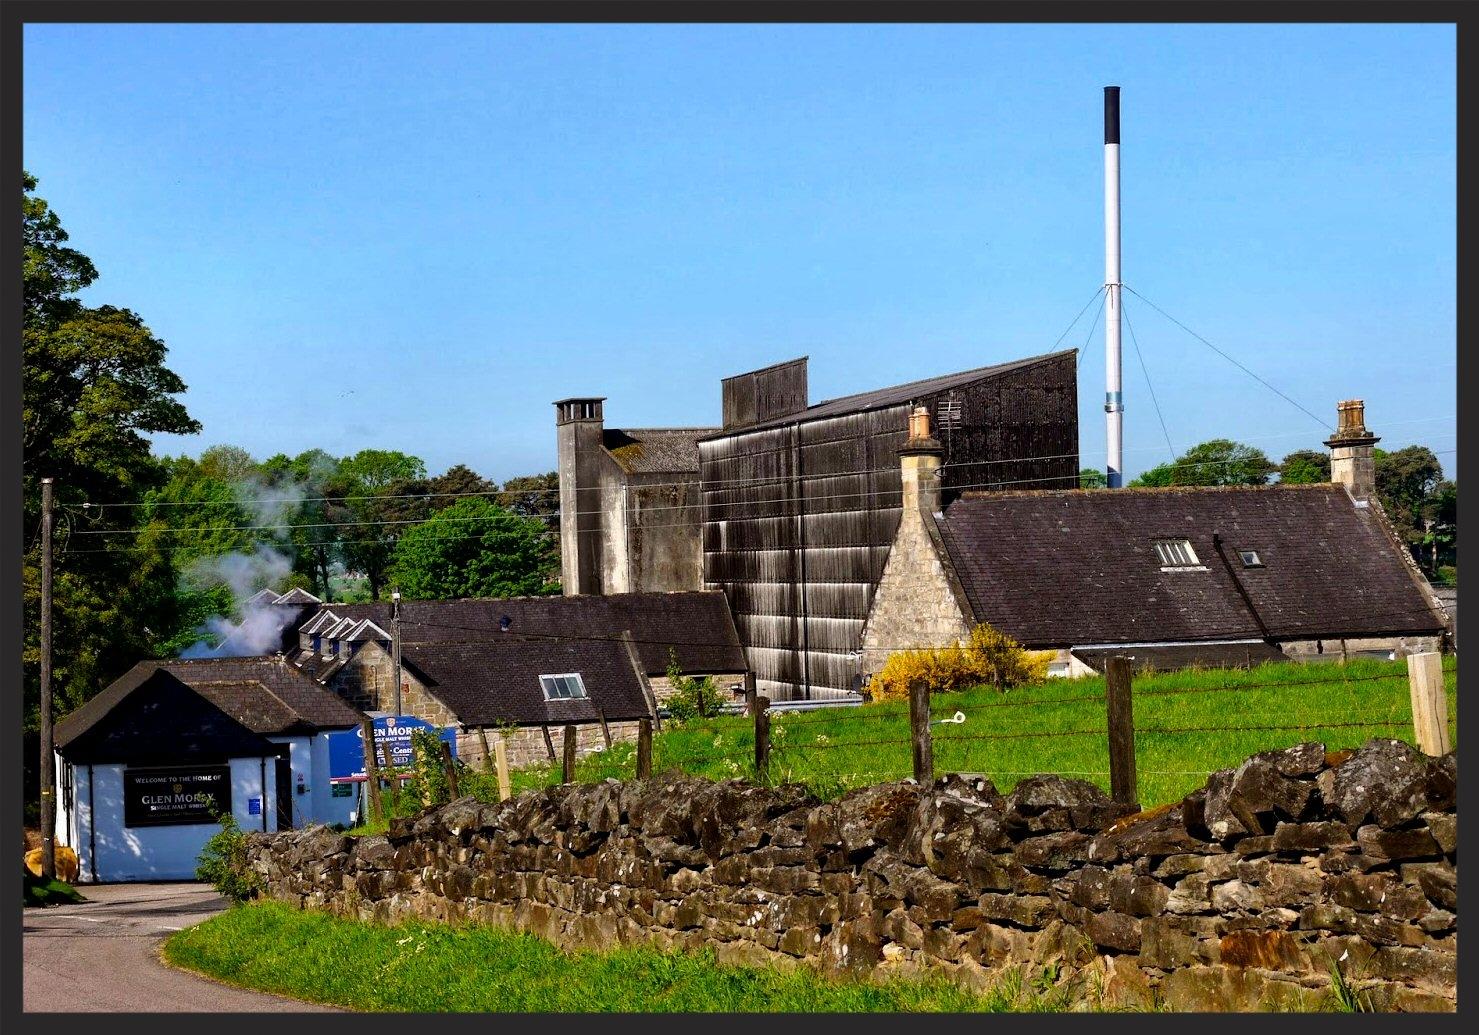 The Glen Moray distillery.